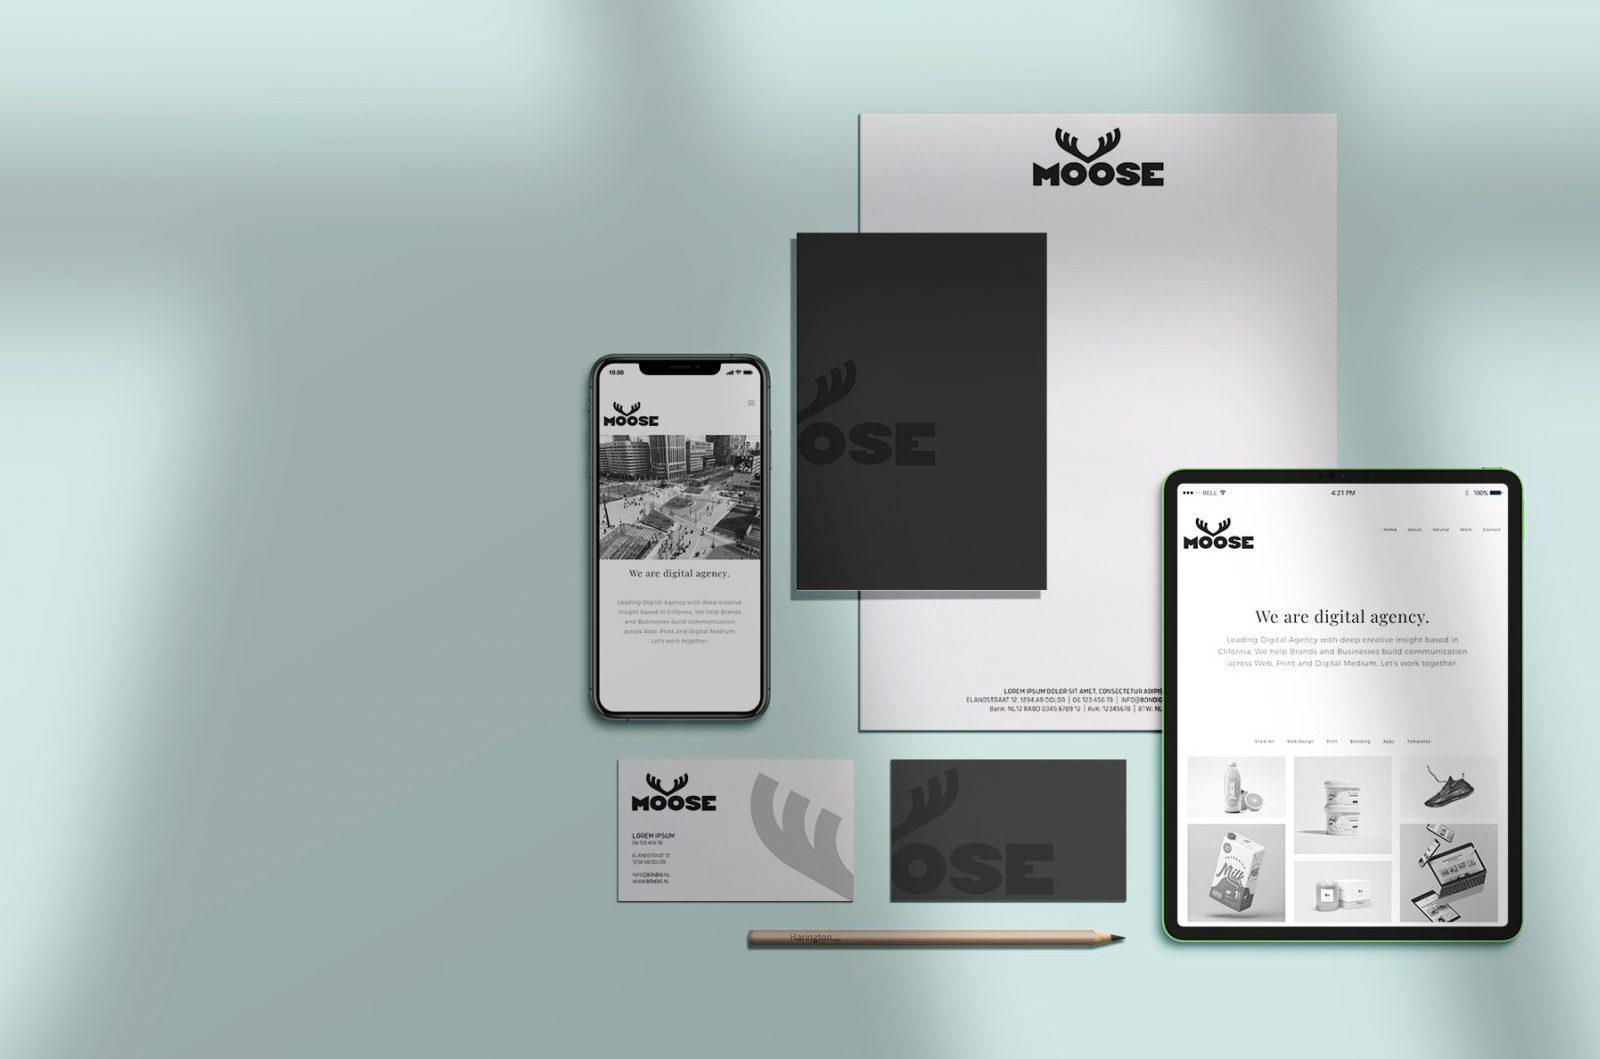 Online Huisstijl pakket: een complete huisstijl ontworpen door top-designers klaar voor onmiddellijk gebruik in al uw communicatie, zowel digitaal als in print